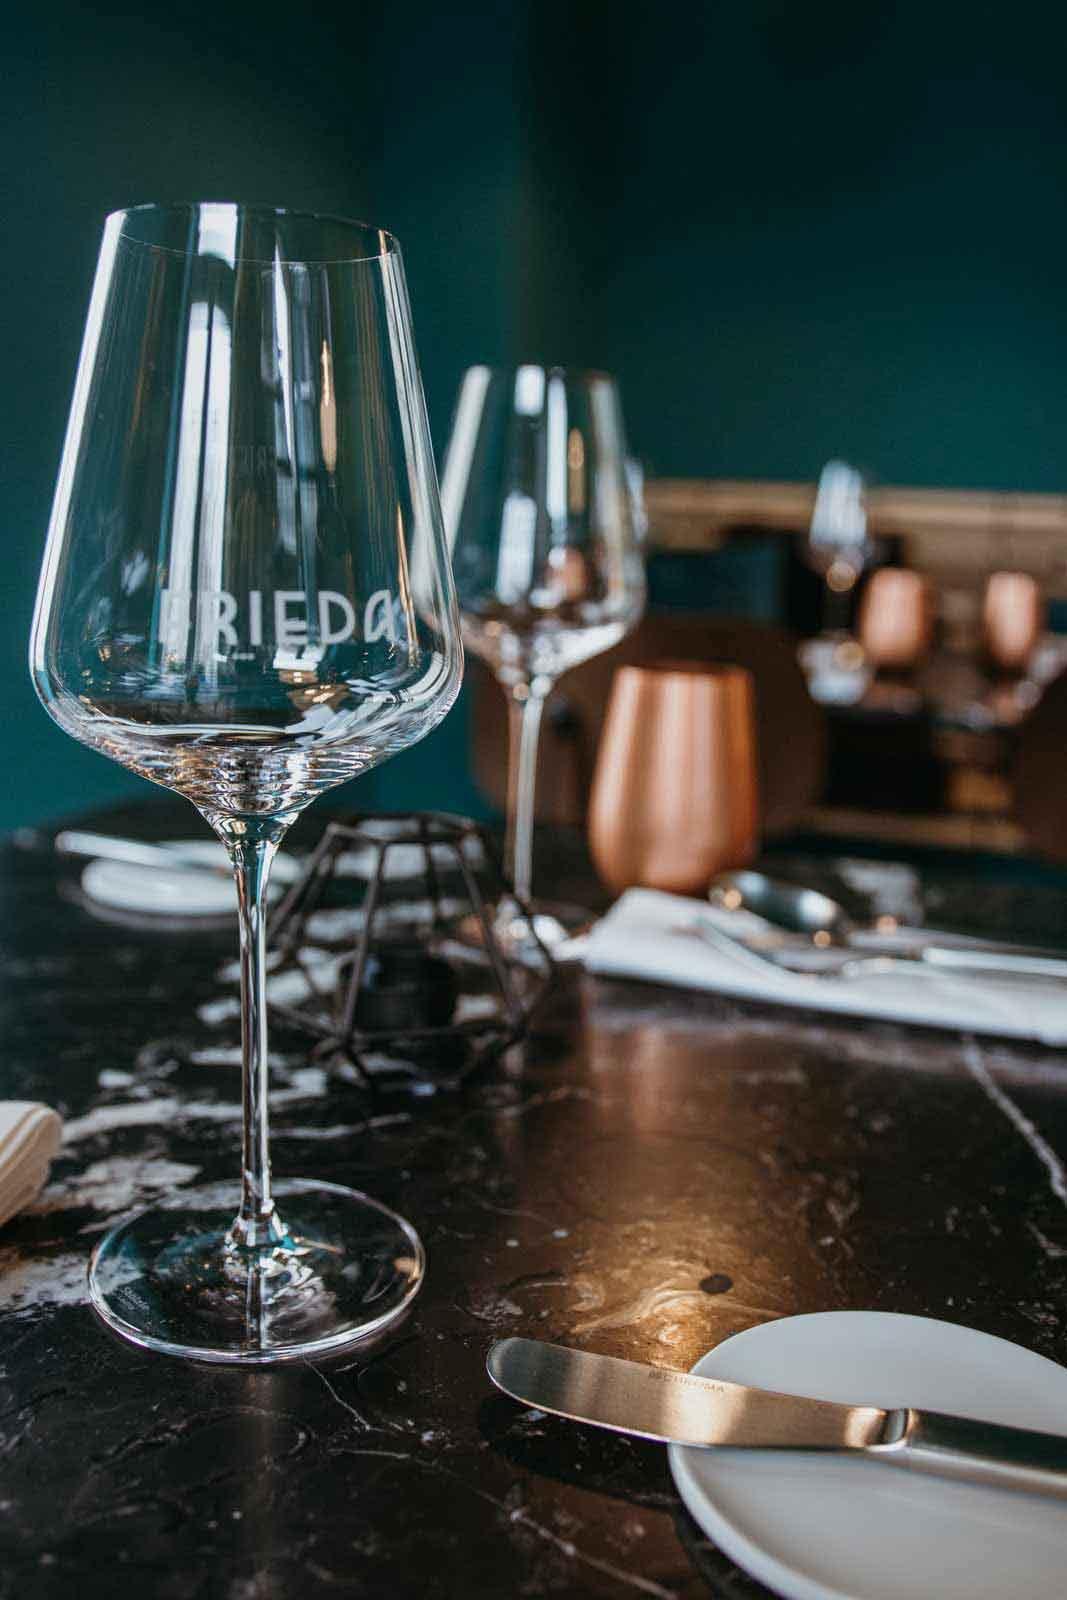 TEAMBRENNER Tipp Gourmet Gastro Restaurant Frieda Wein